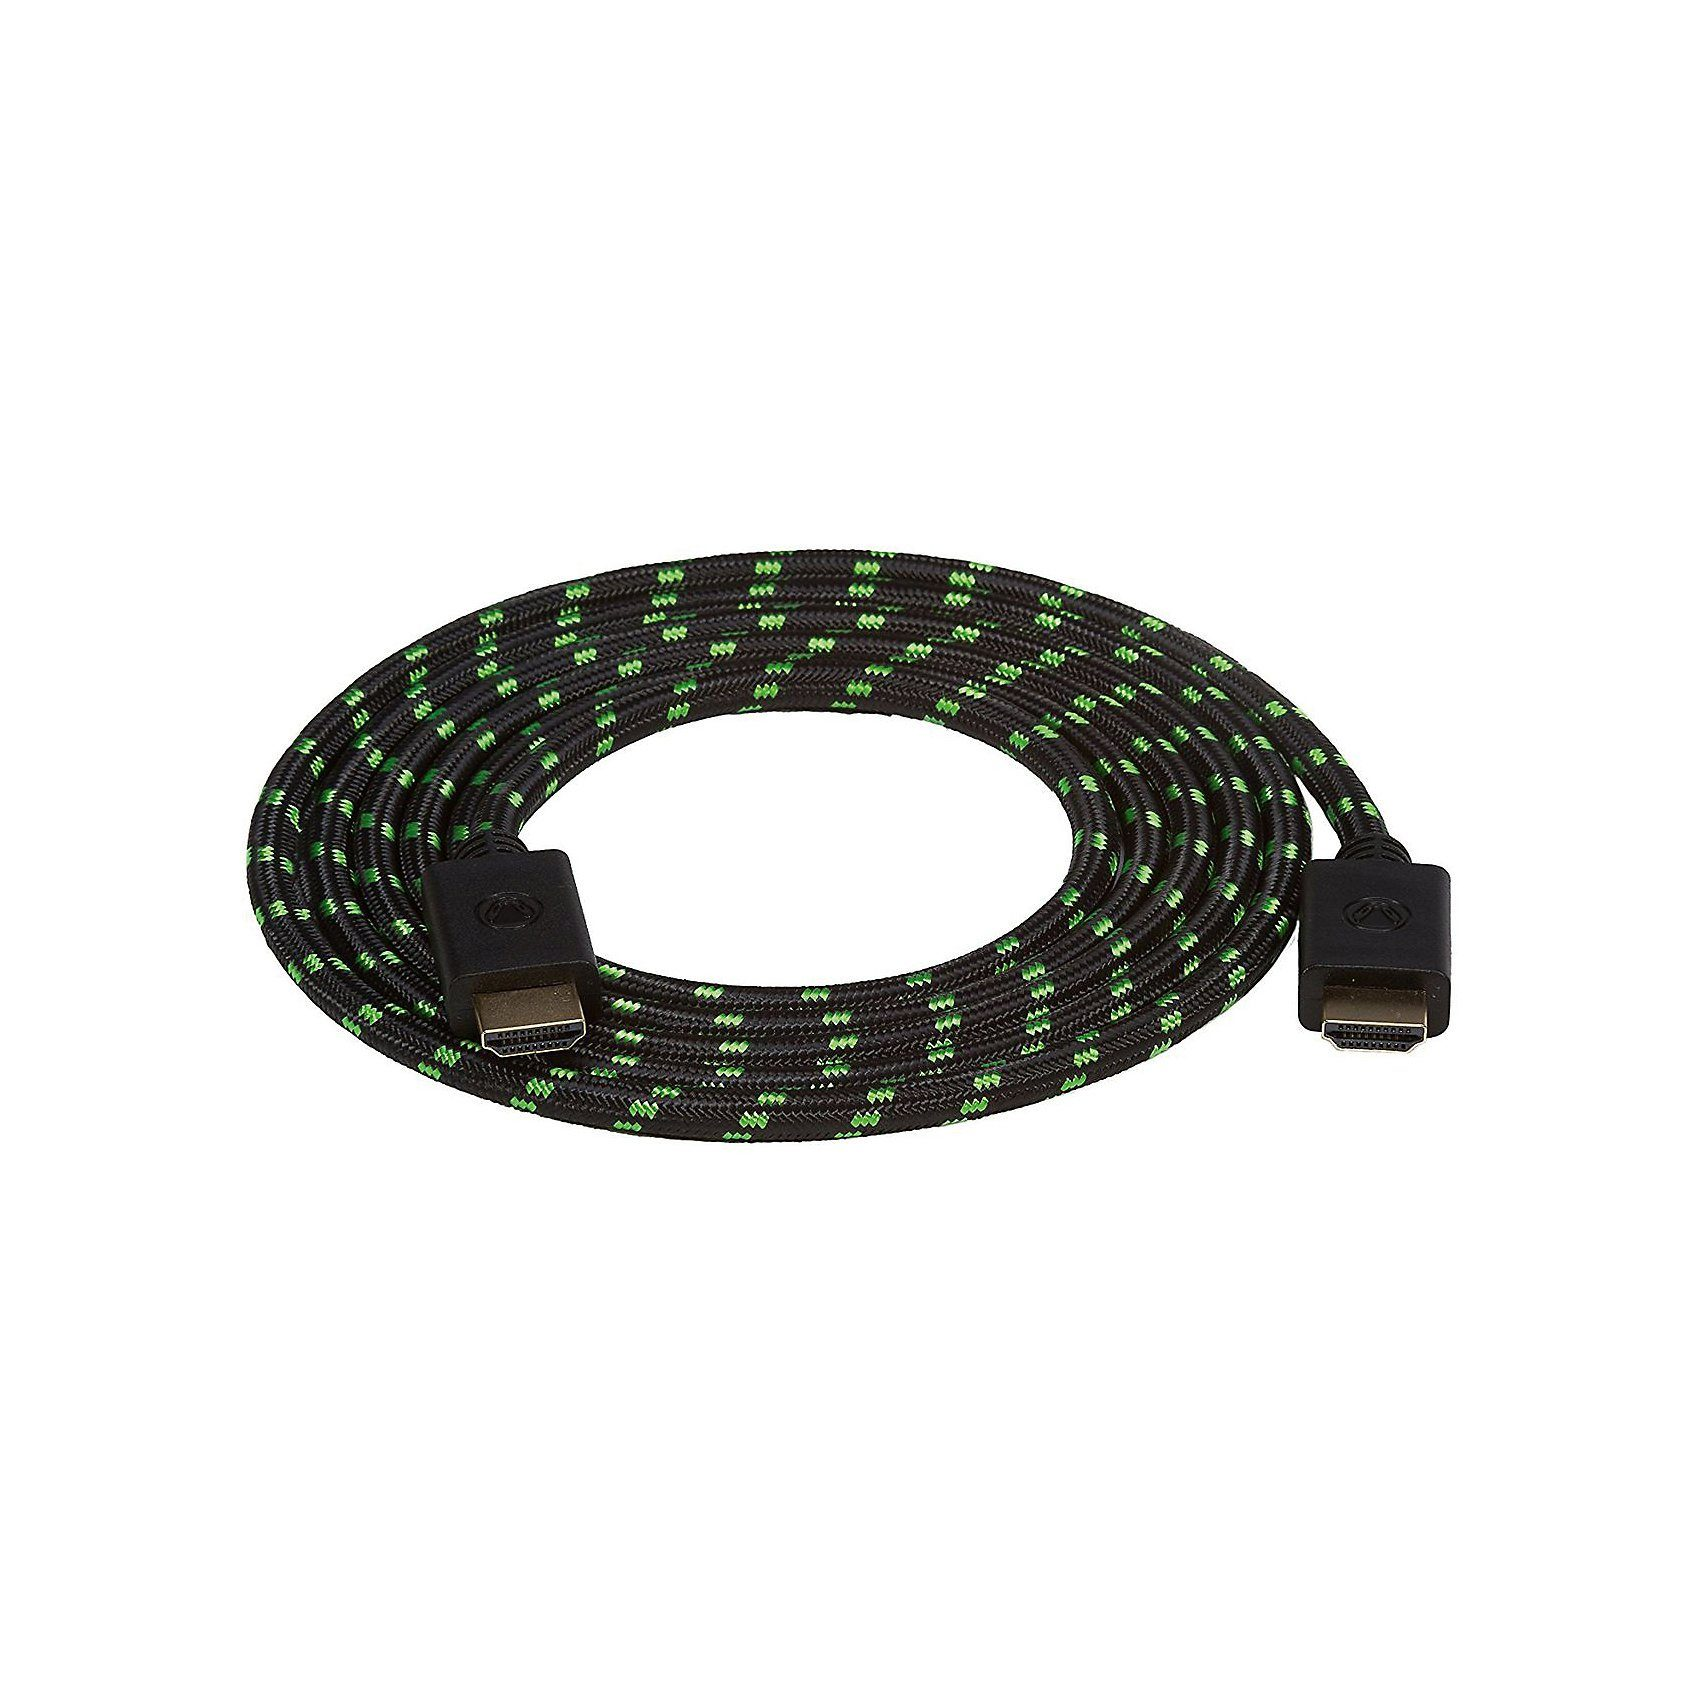 XBOXONE HDMI-Kabel Pro 4k (3m Meshkabel)